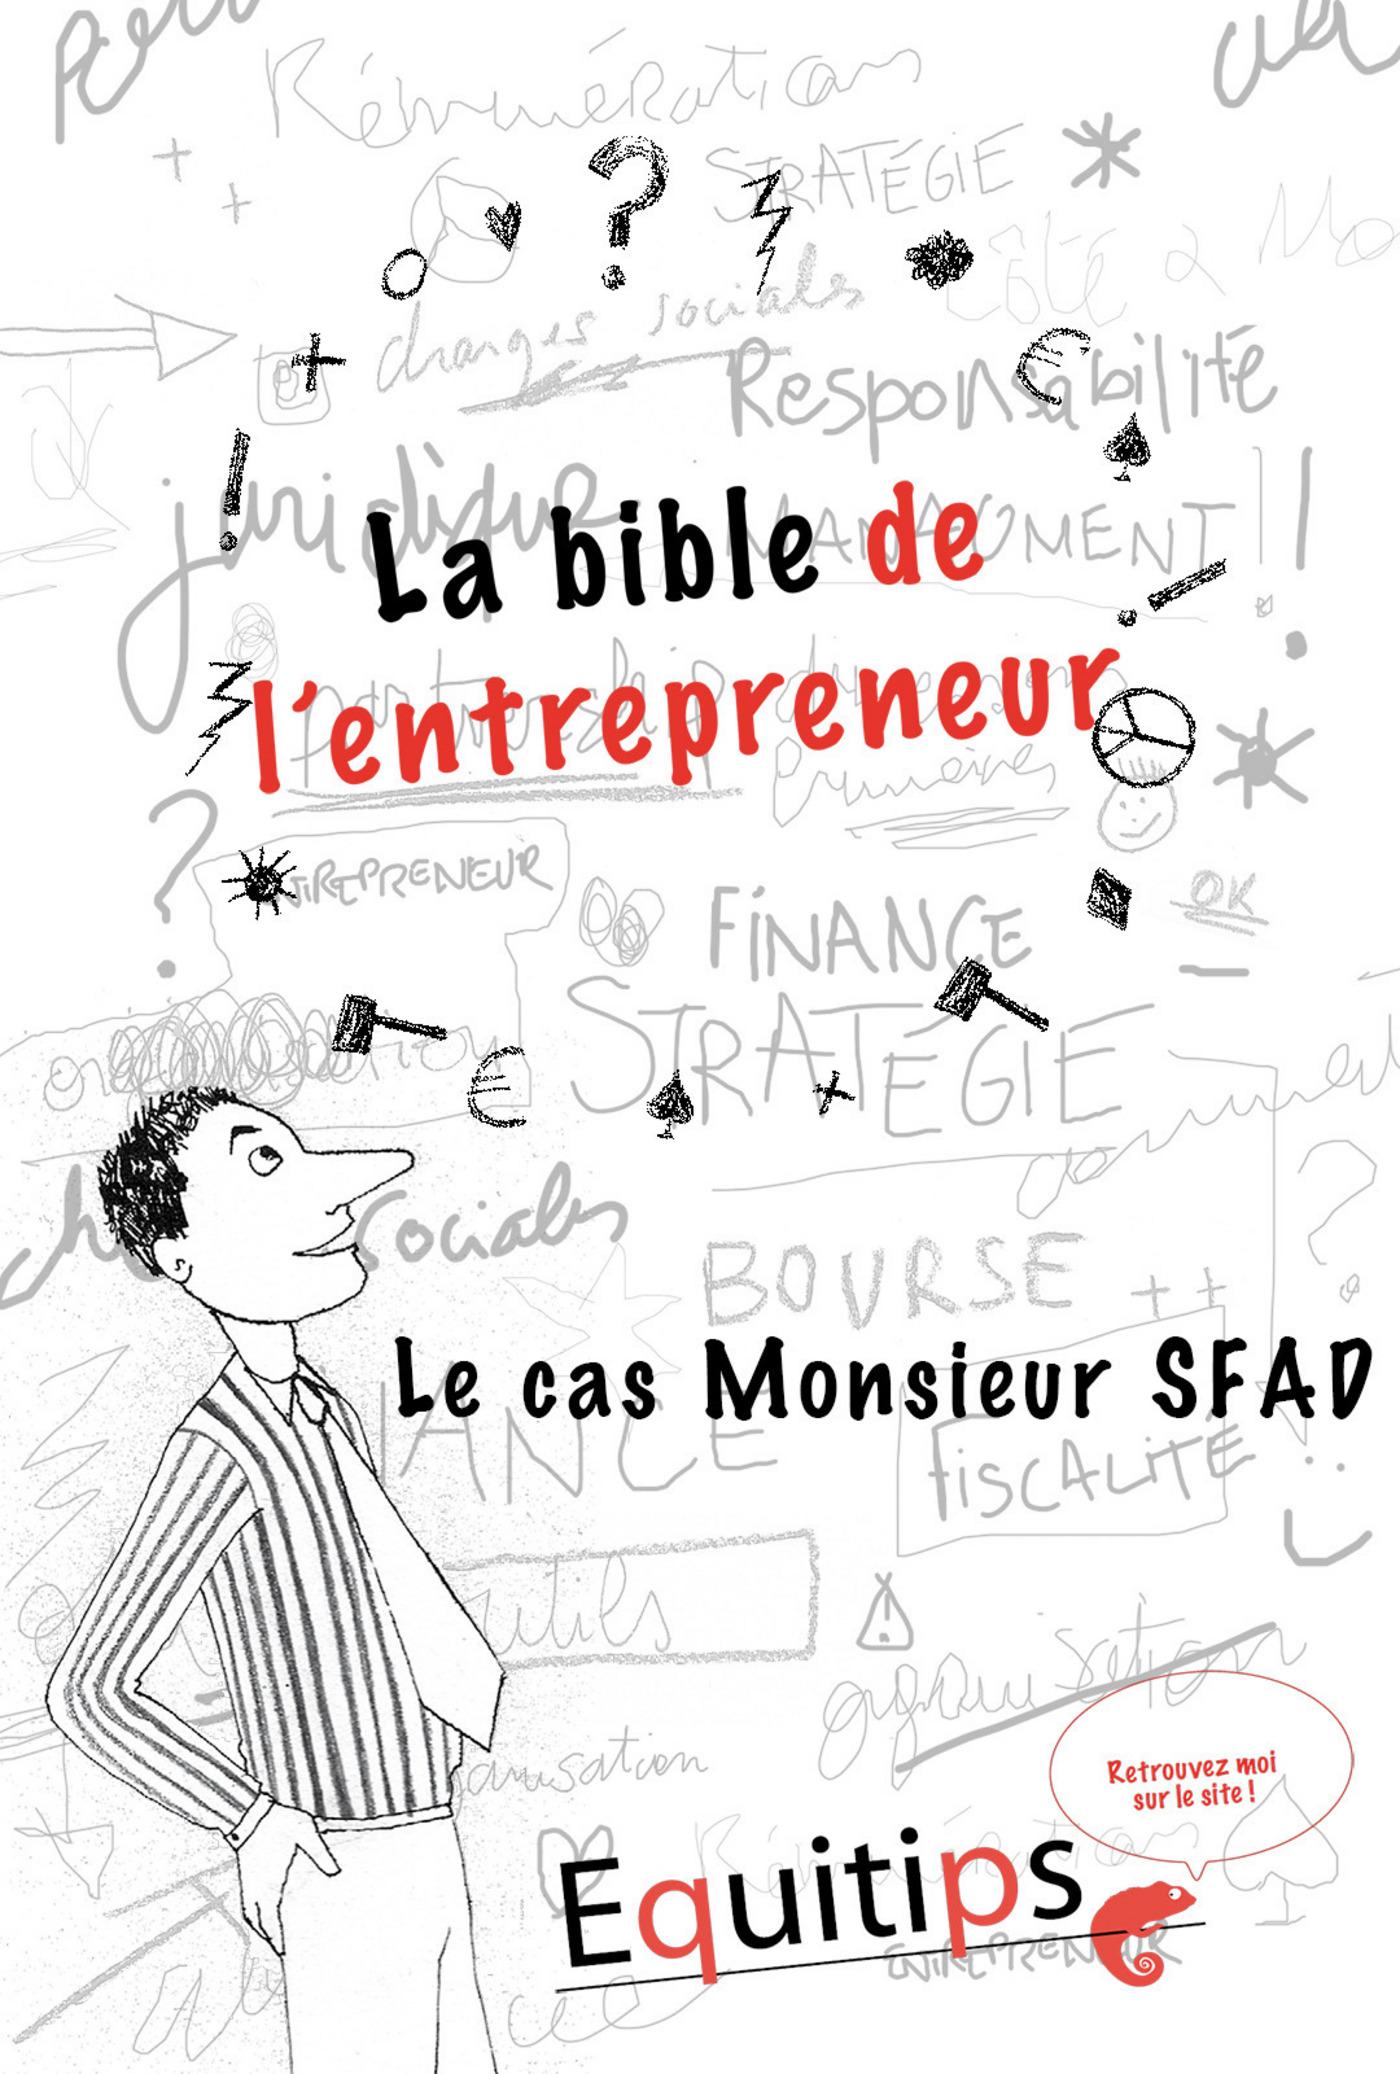 La bible de l'entrepreneur Monsieur SFAD : cas numéro 11/12